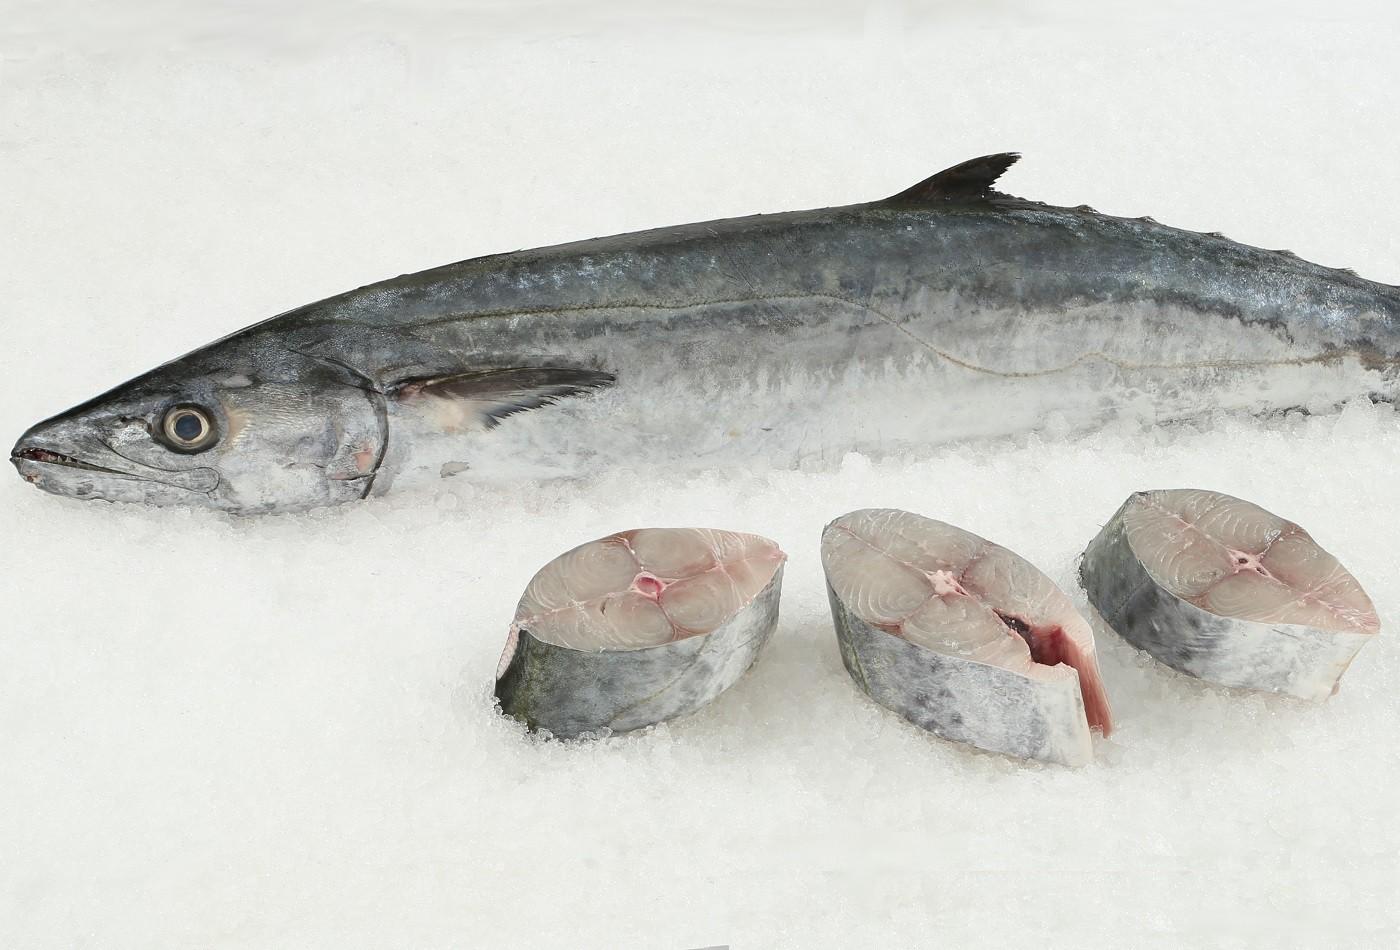 Fresh king mackerel fish